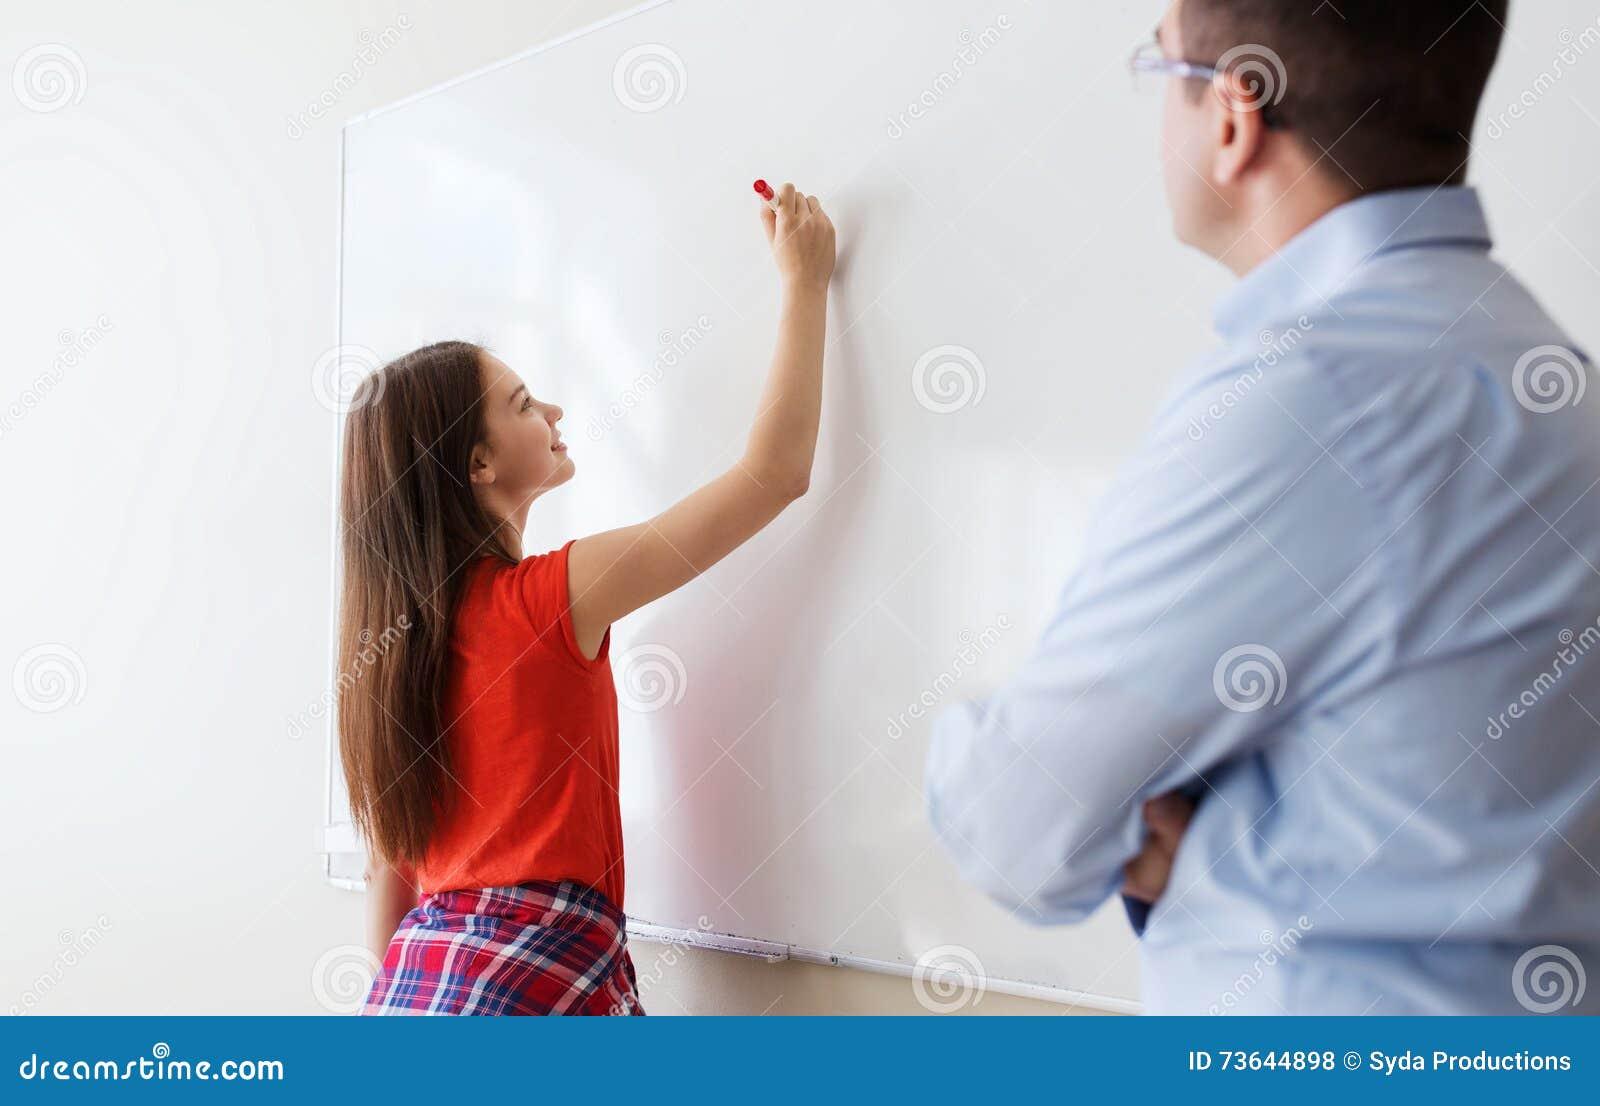 Student het schrijven aan boord en leraar op school